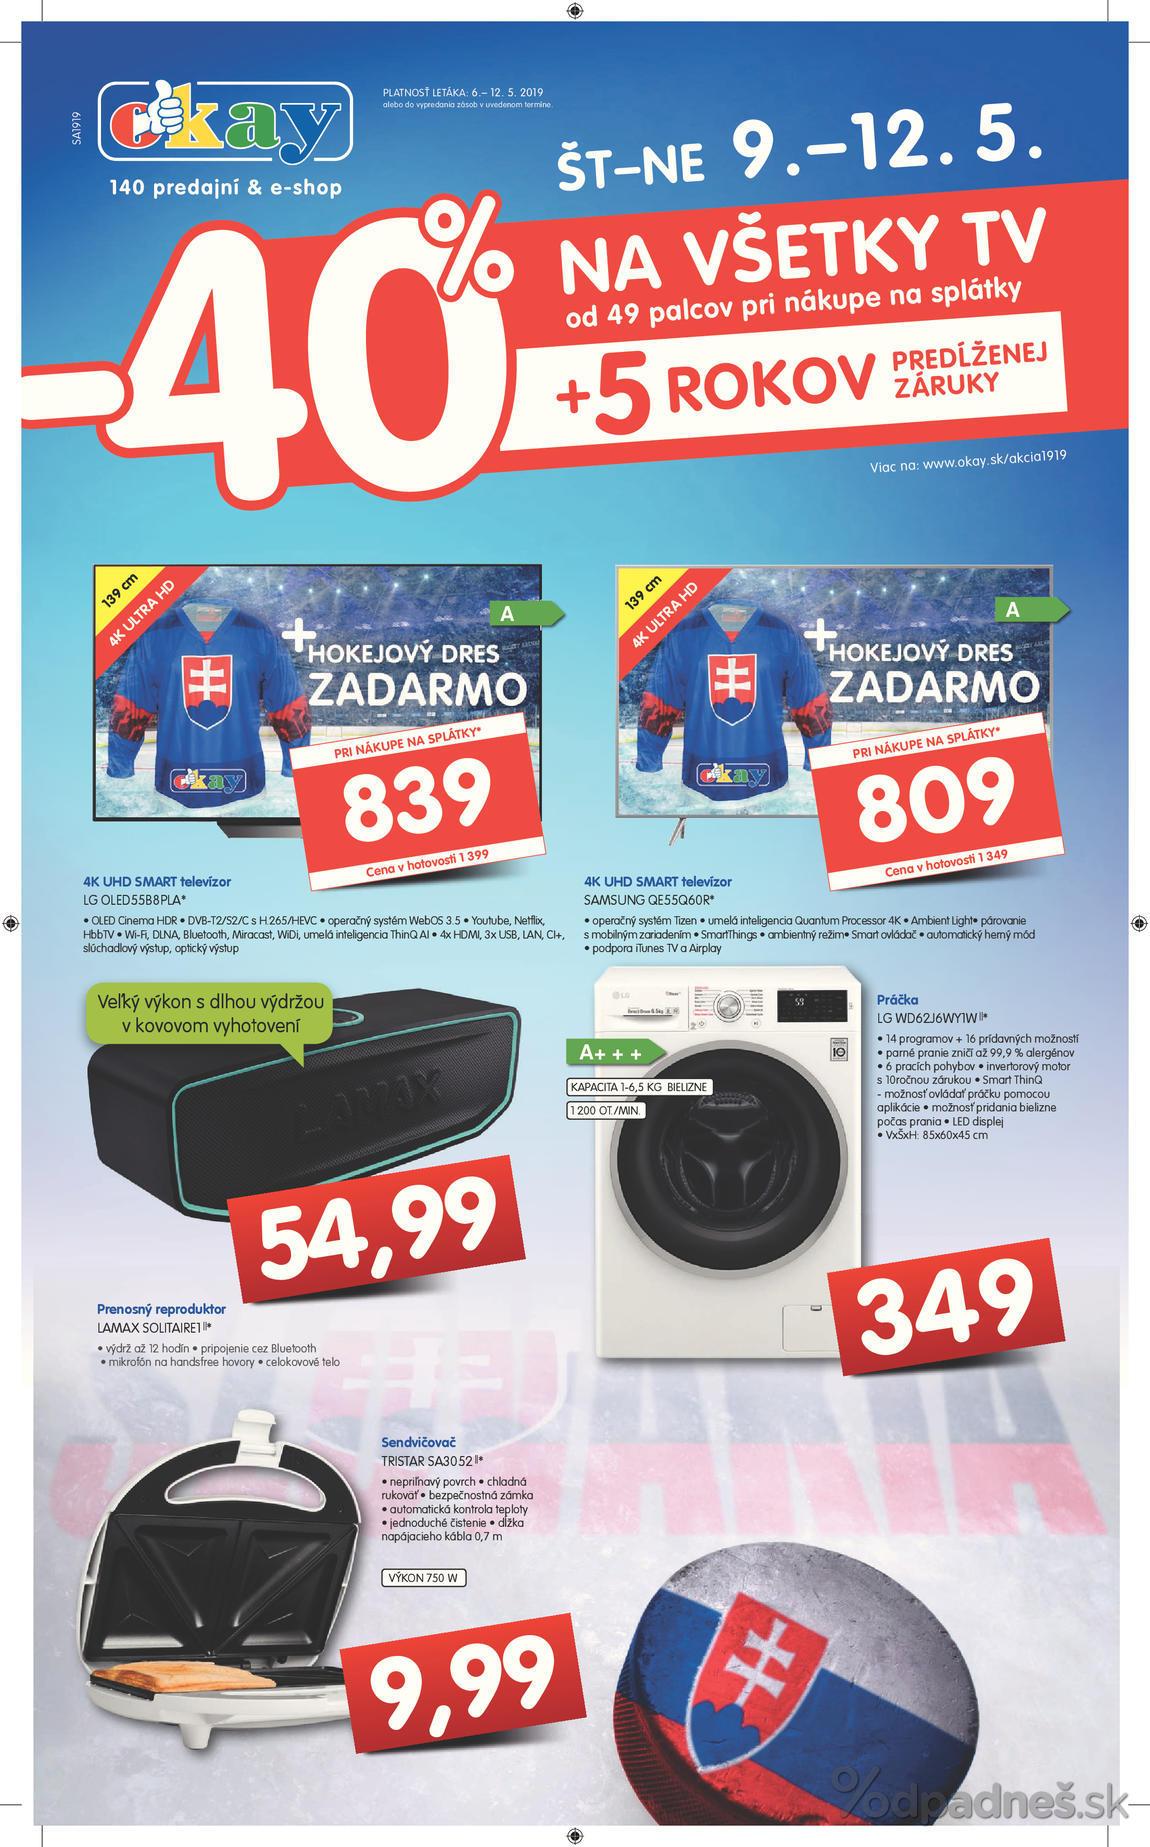 1ac2283c4fdfb OKAY elektro leták platný do 12.5.2019 | Letákovo.sk